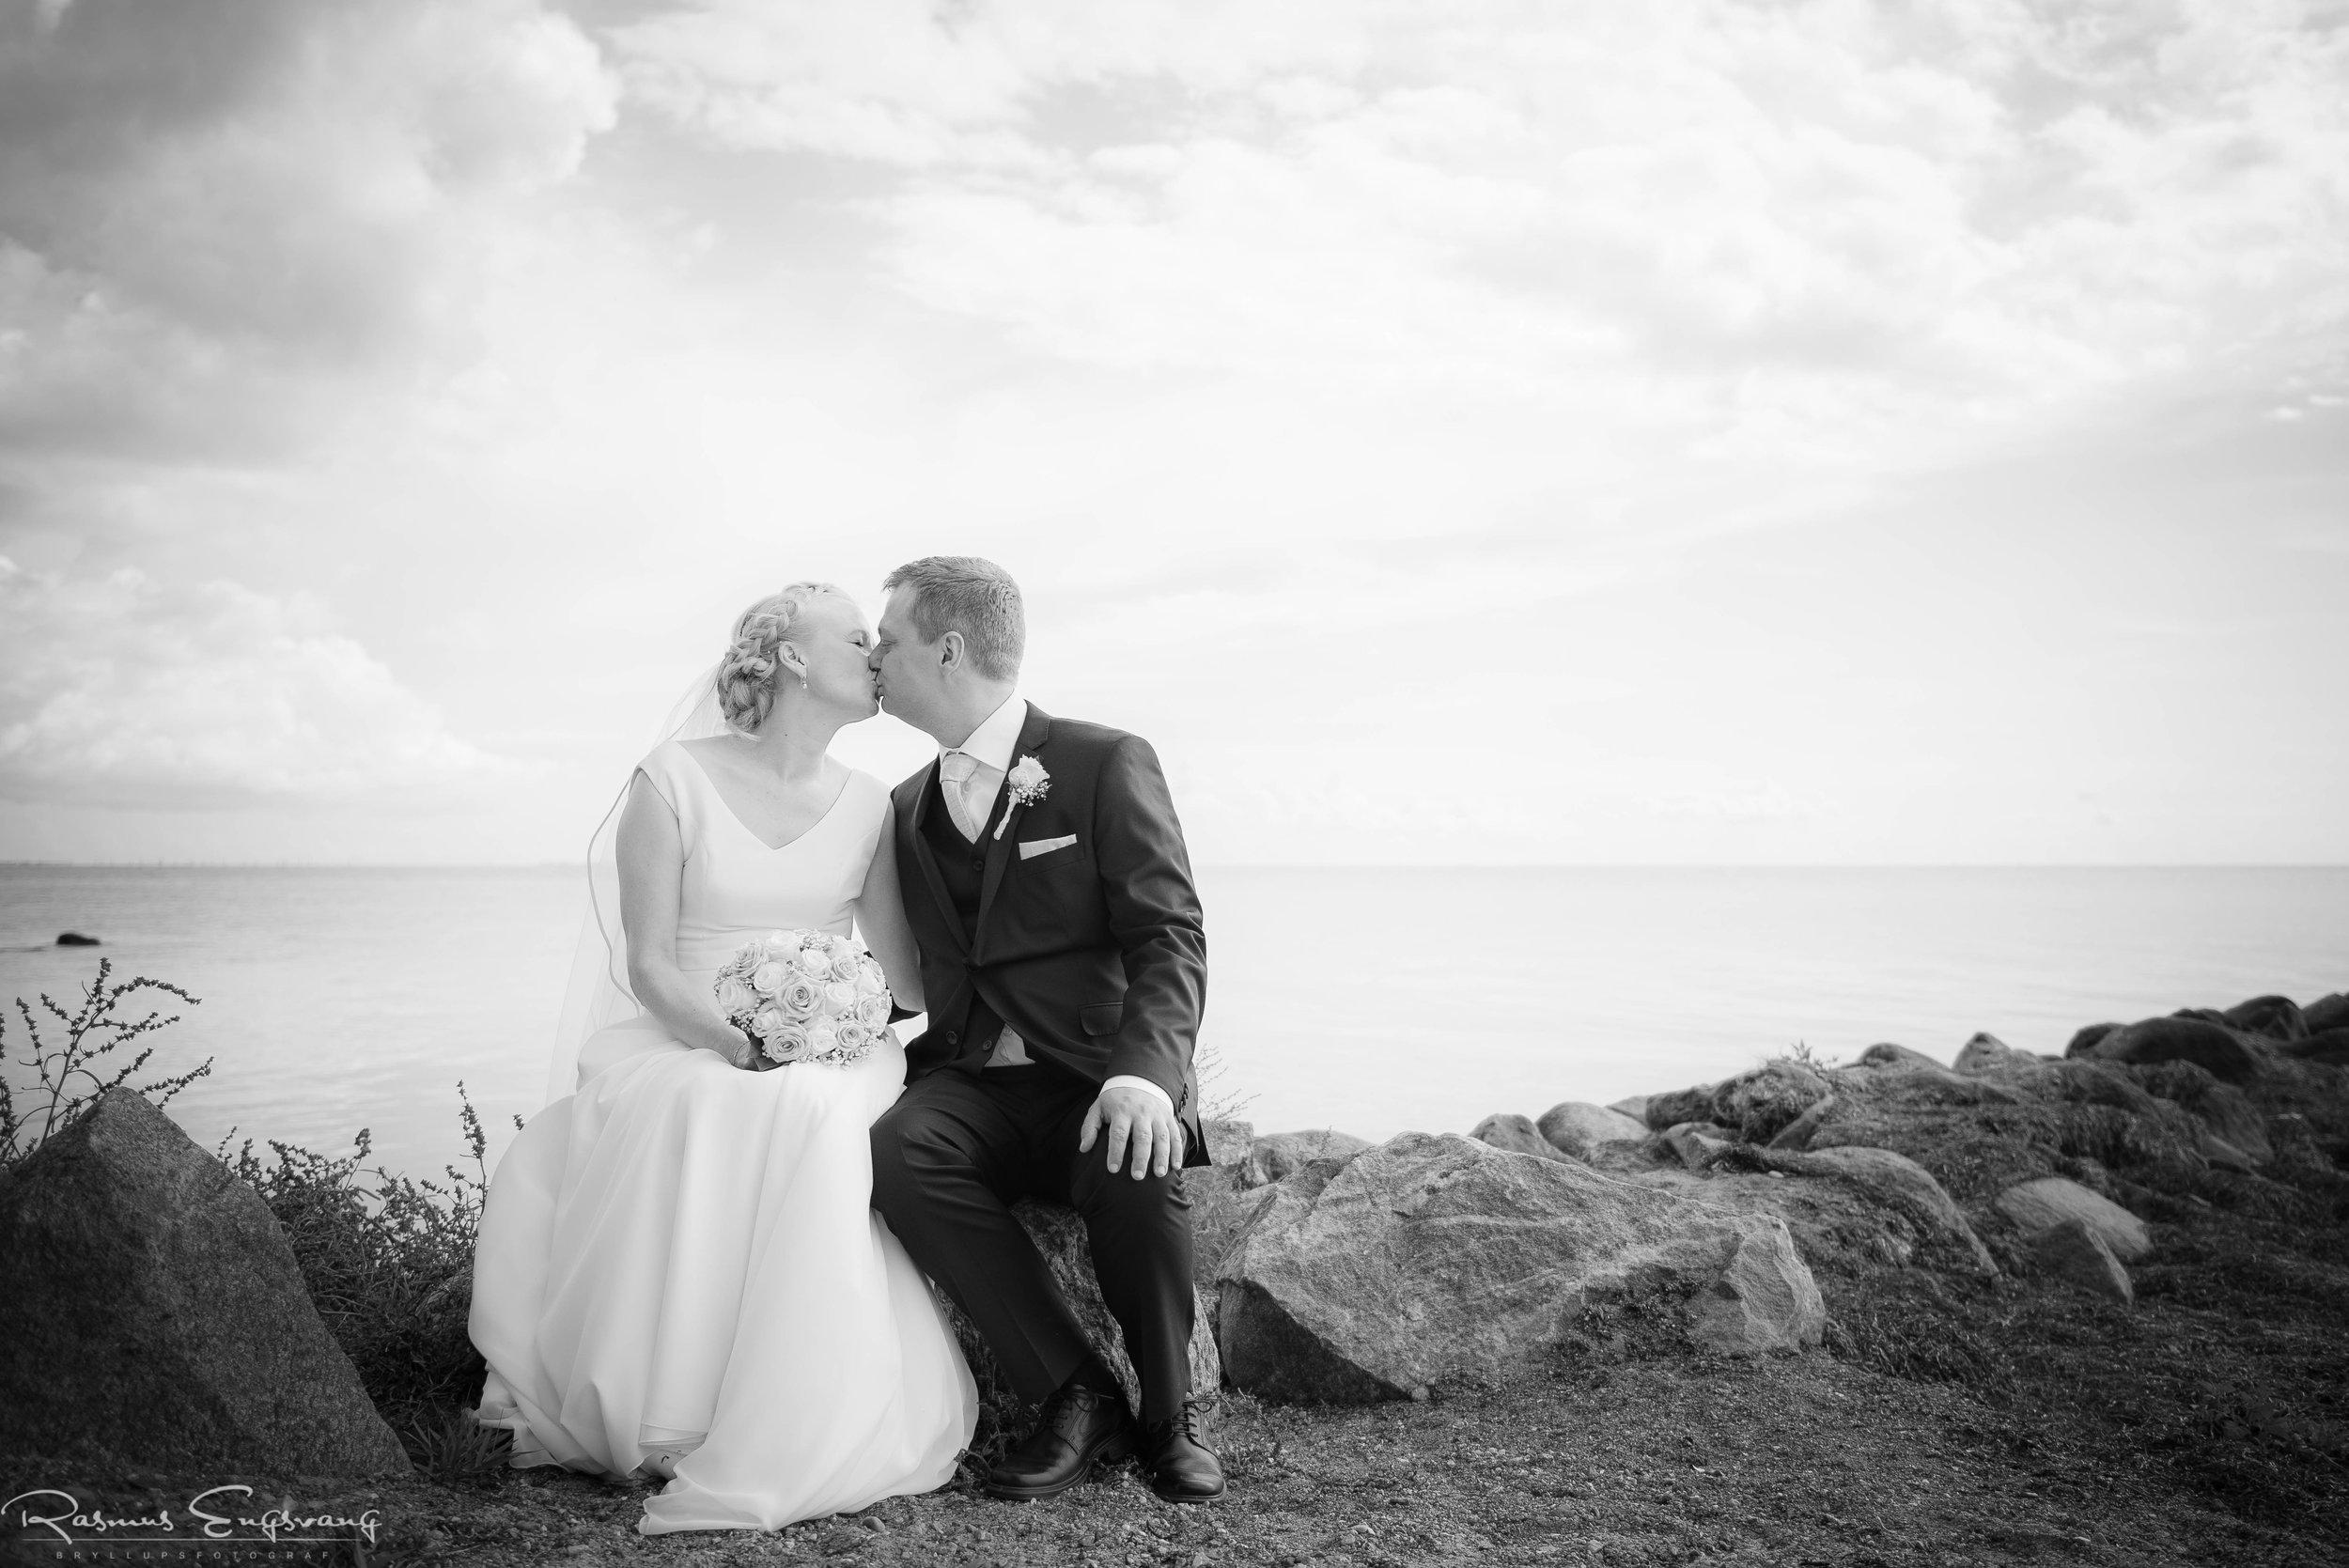 Bryllupsfotograf_Sjælland_Skælskør_Marvede_Fjordbakken-202.jpg